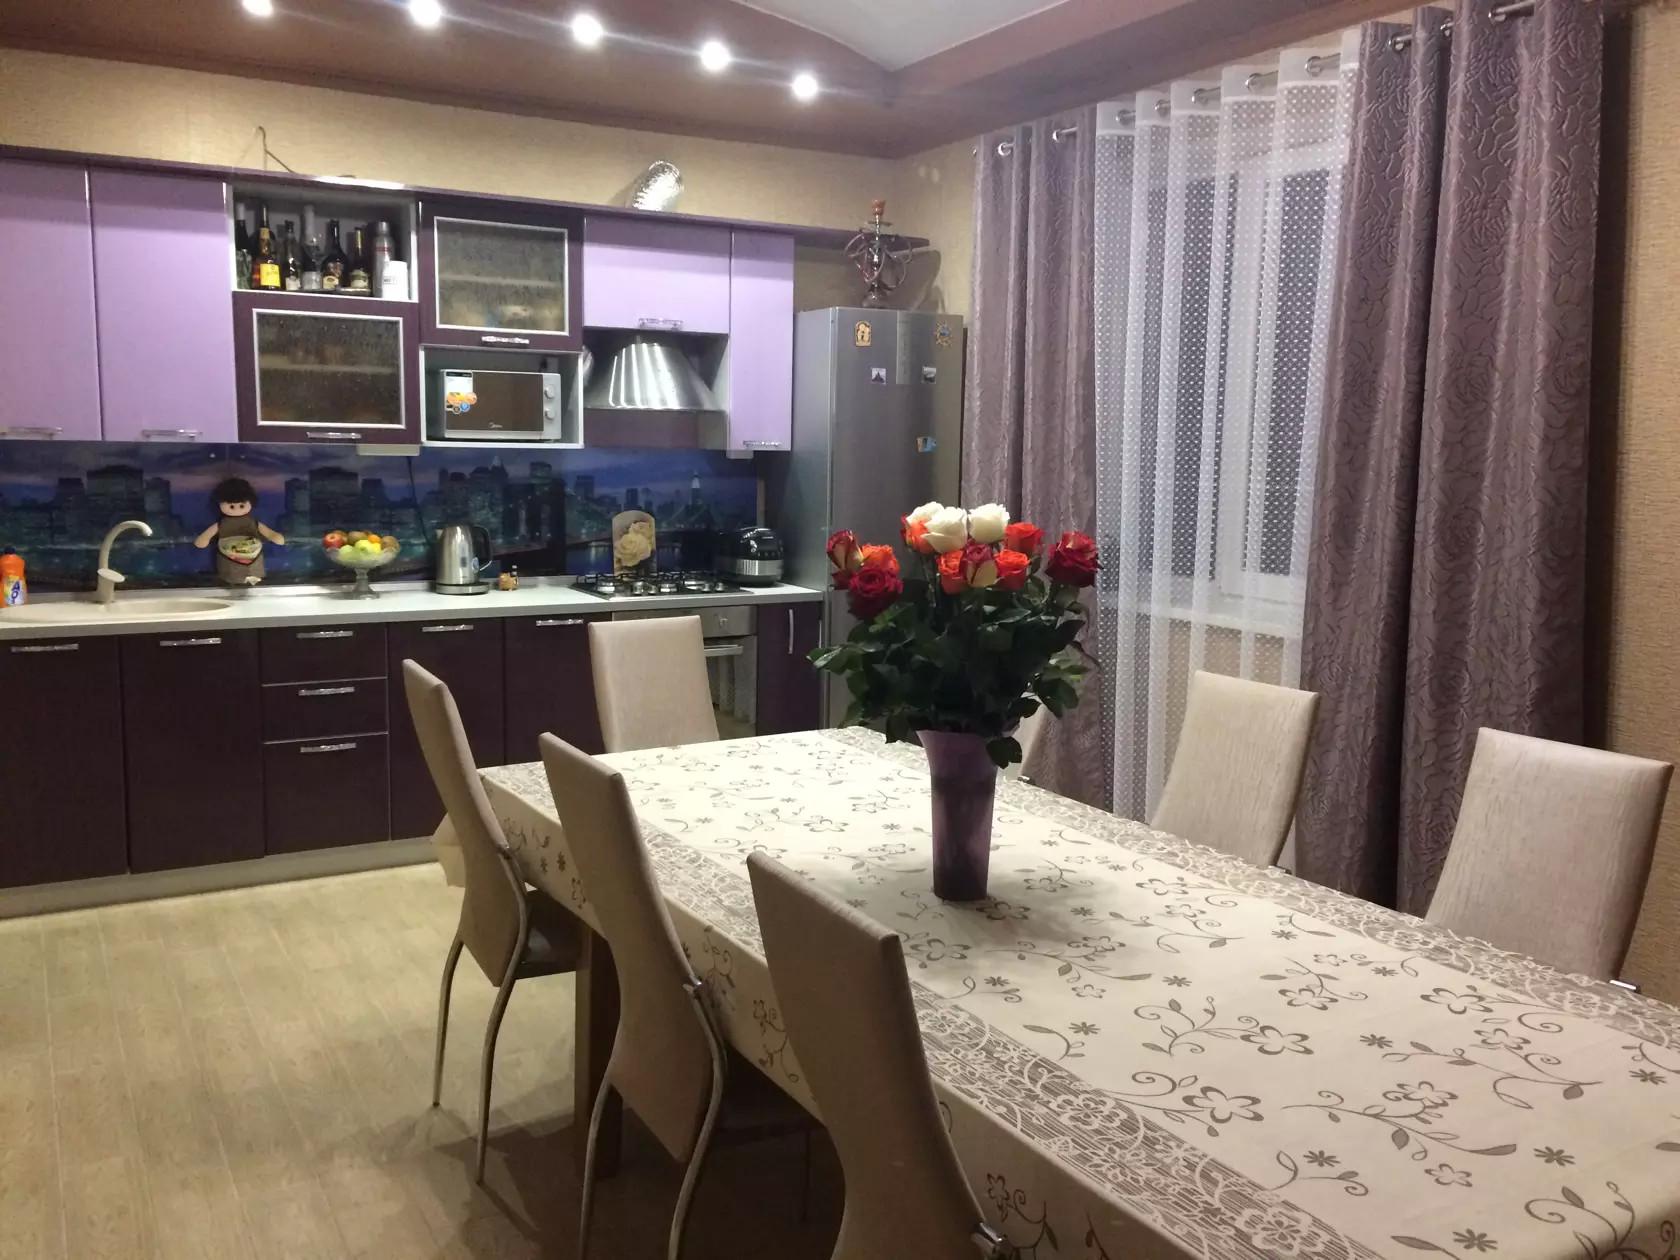 Короткие шторы на кухню — 120 фото новинок дизайна. обзор оригинальных и красивых вариантов сочетания в интерьере кухни